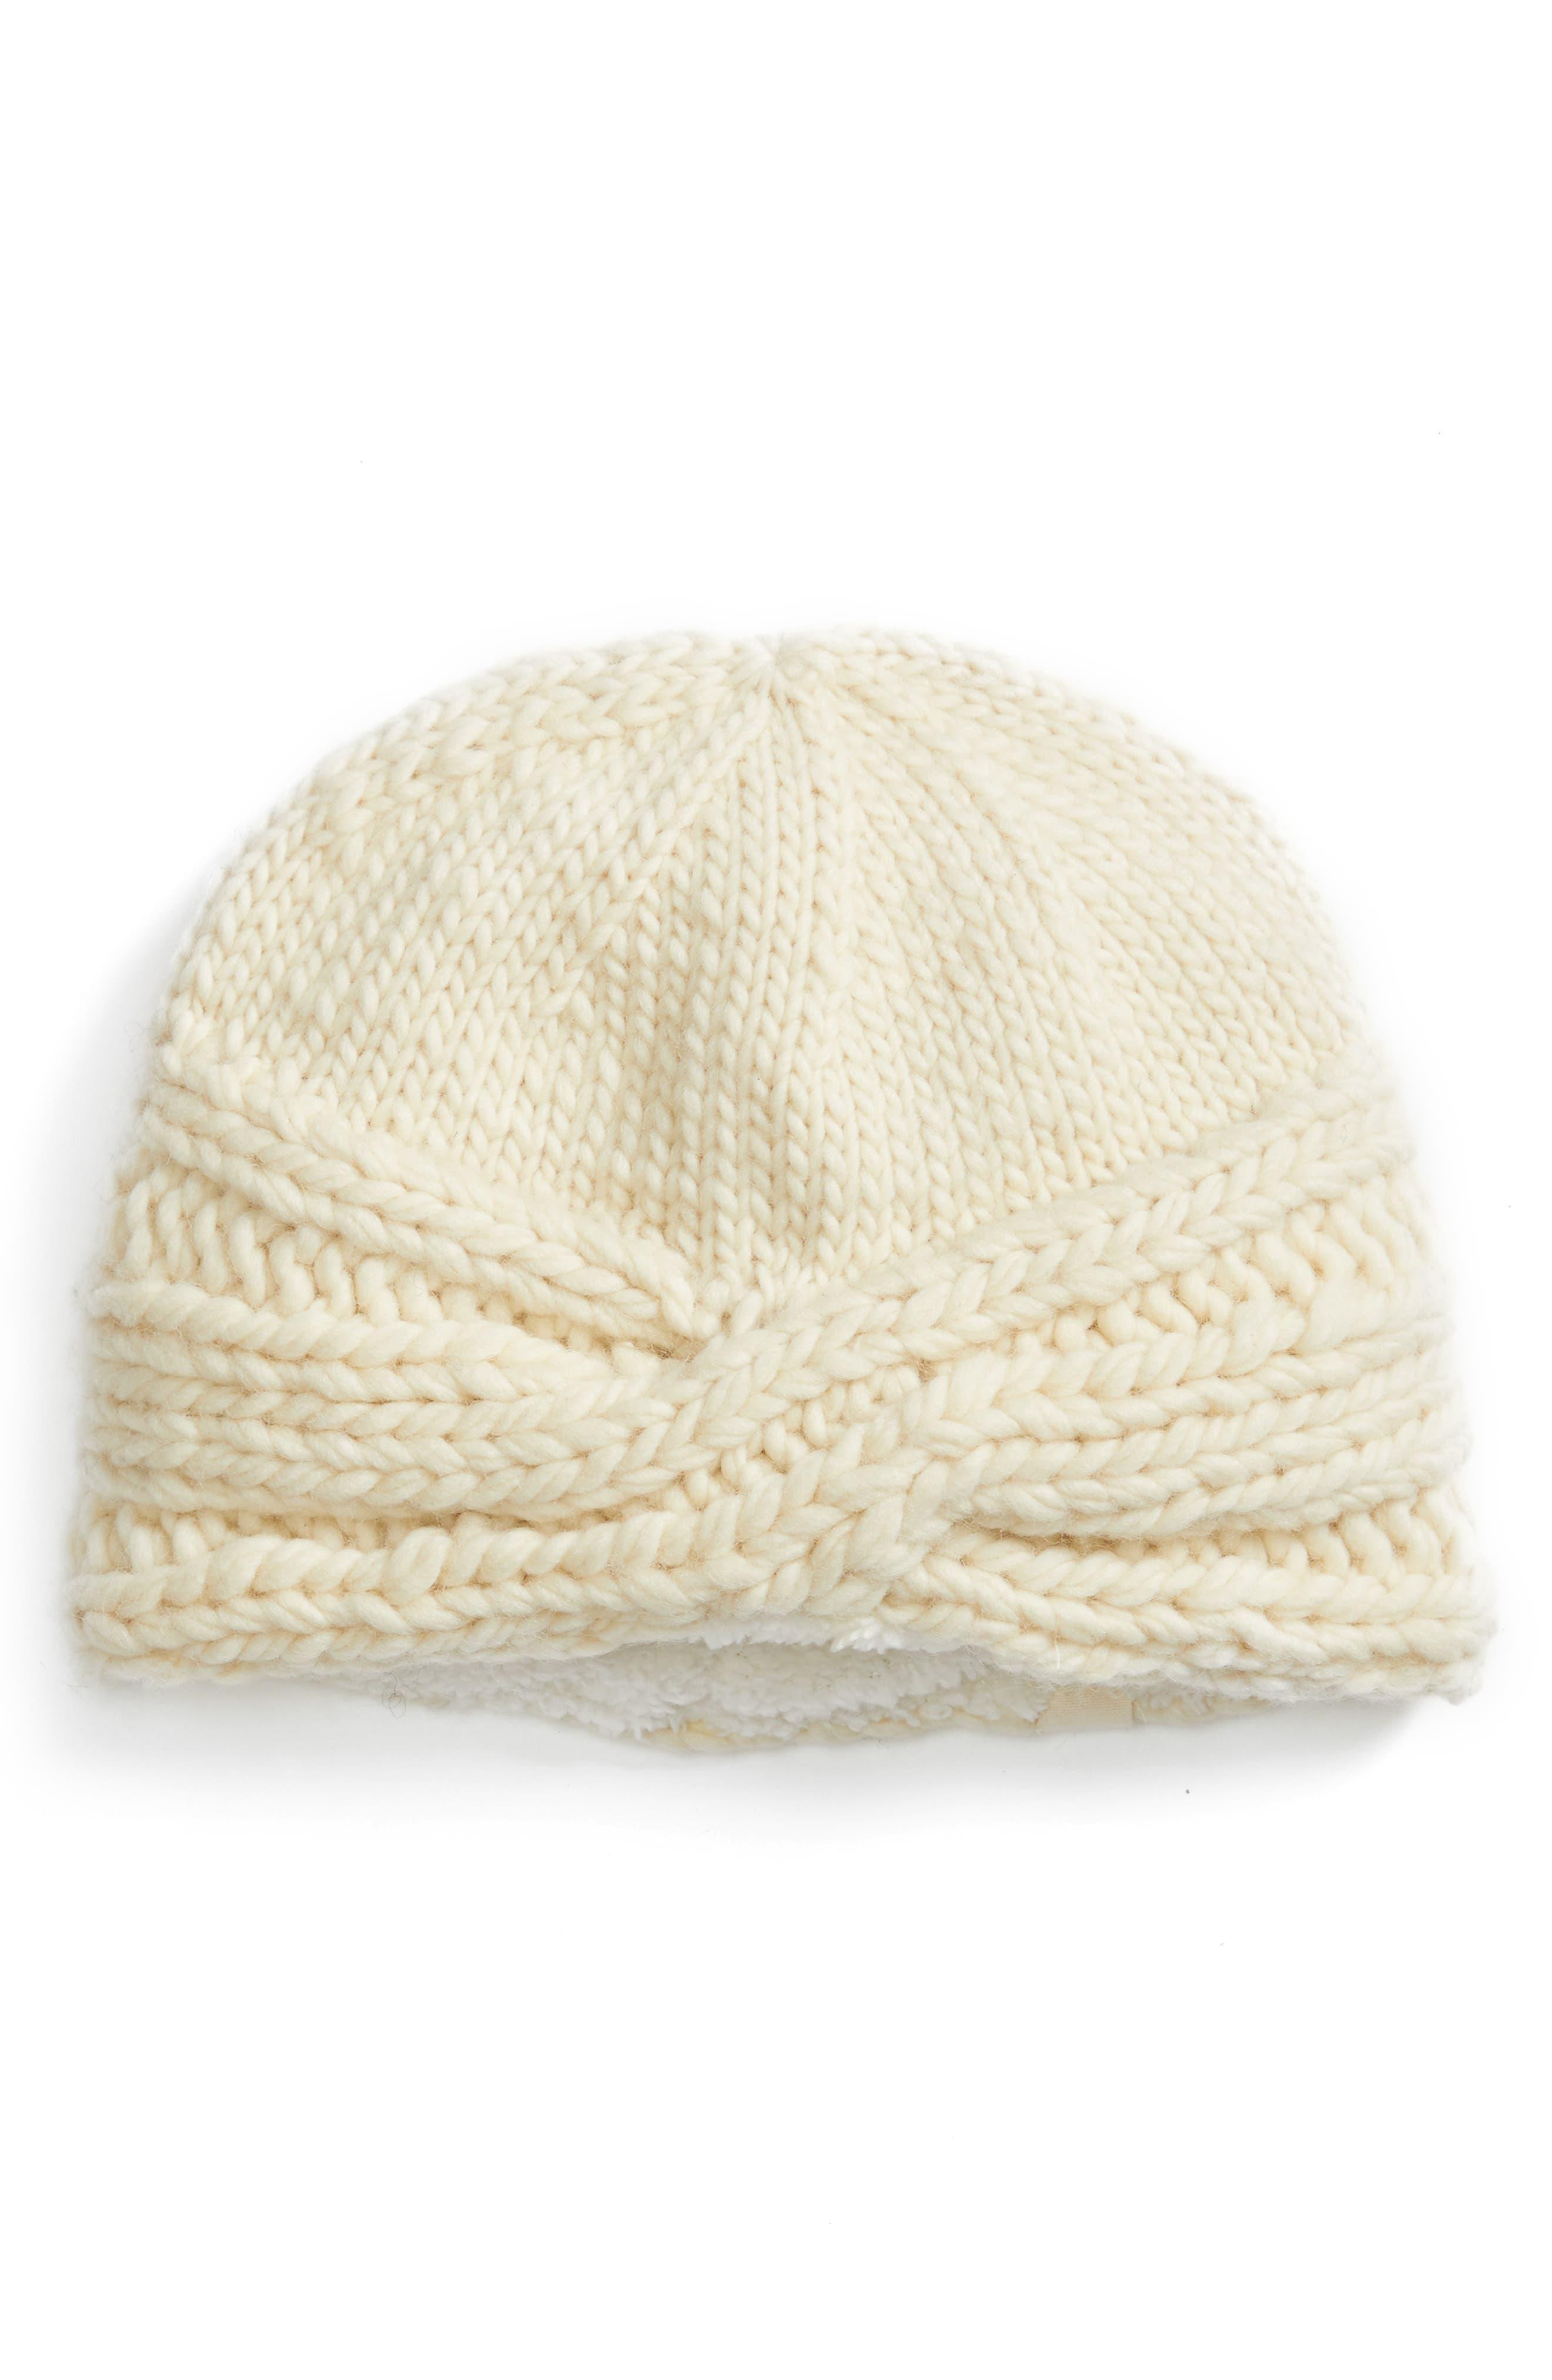 Nirvanna Designs Lana Turban Cabled Wool Beanie